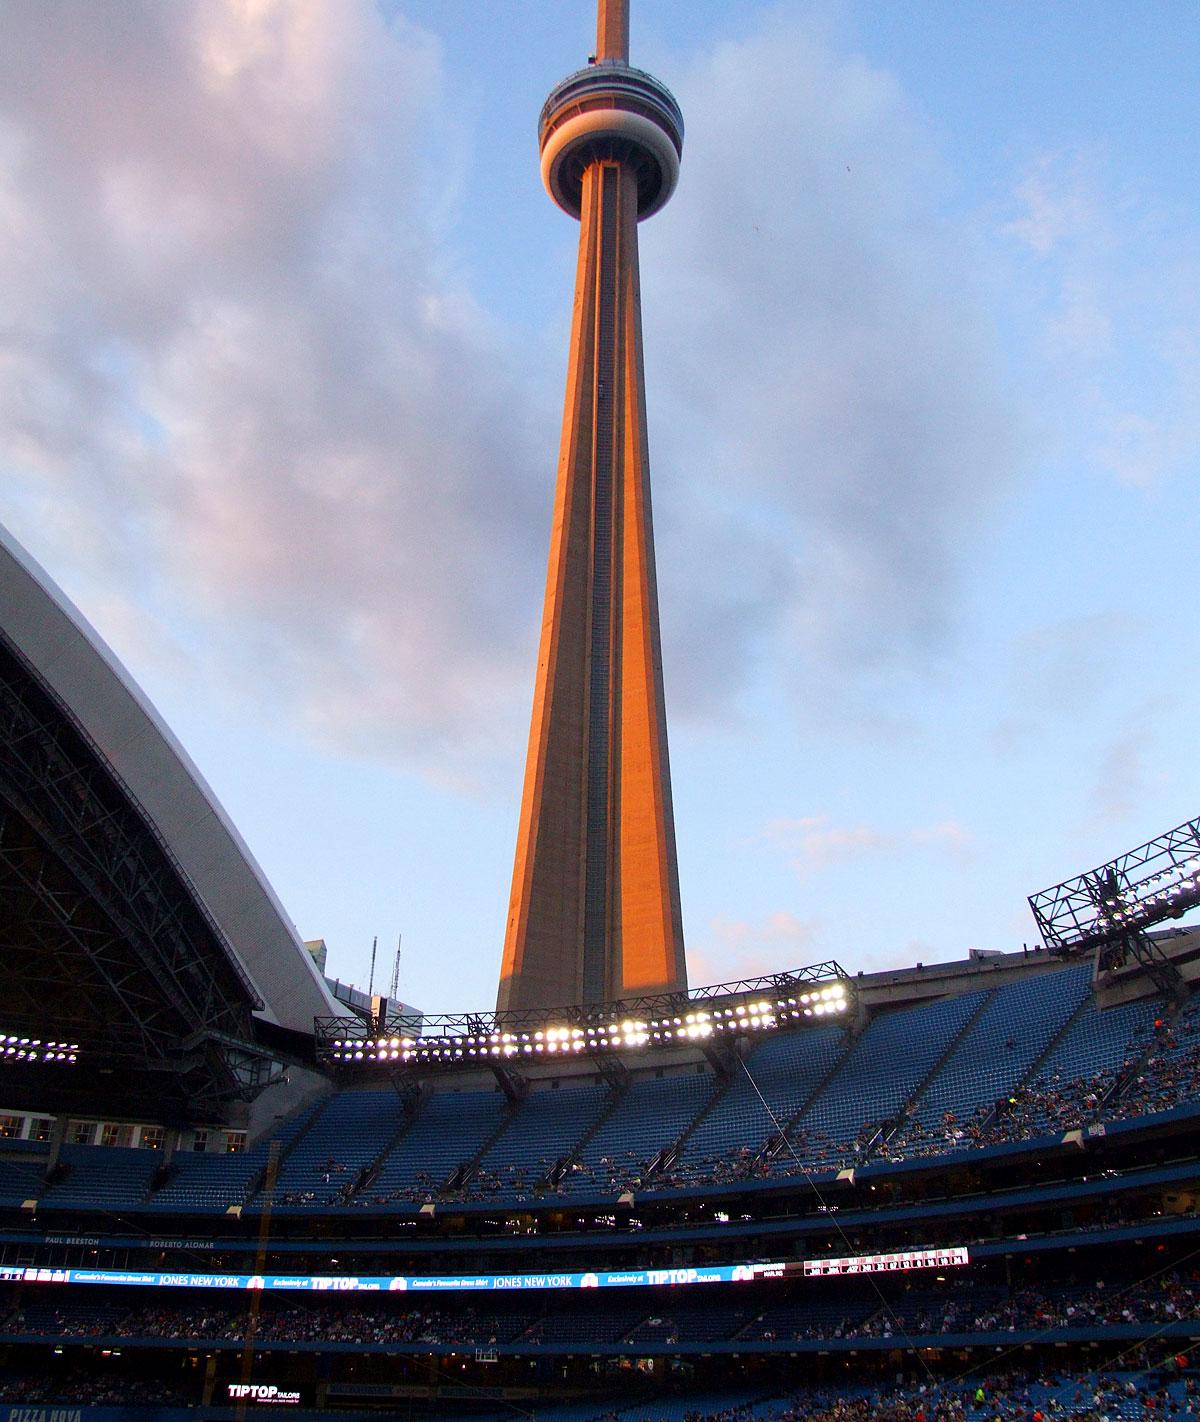 De CN Tower gezien vanuit het Rogers Centre